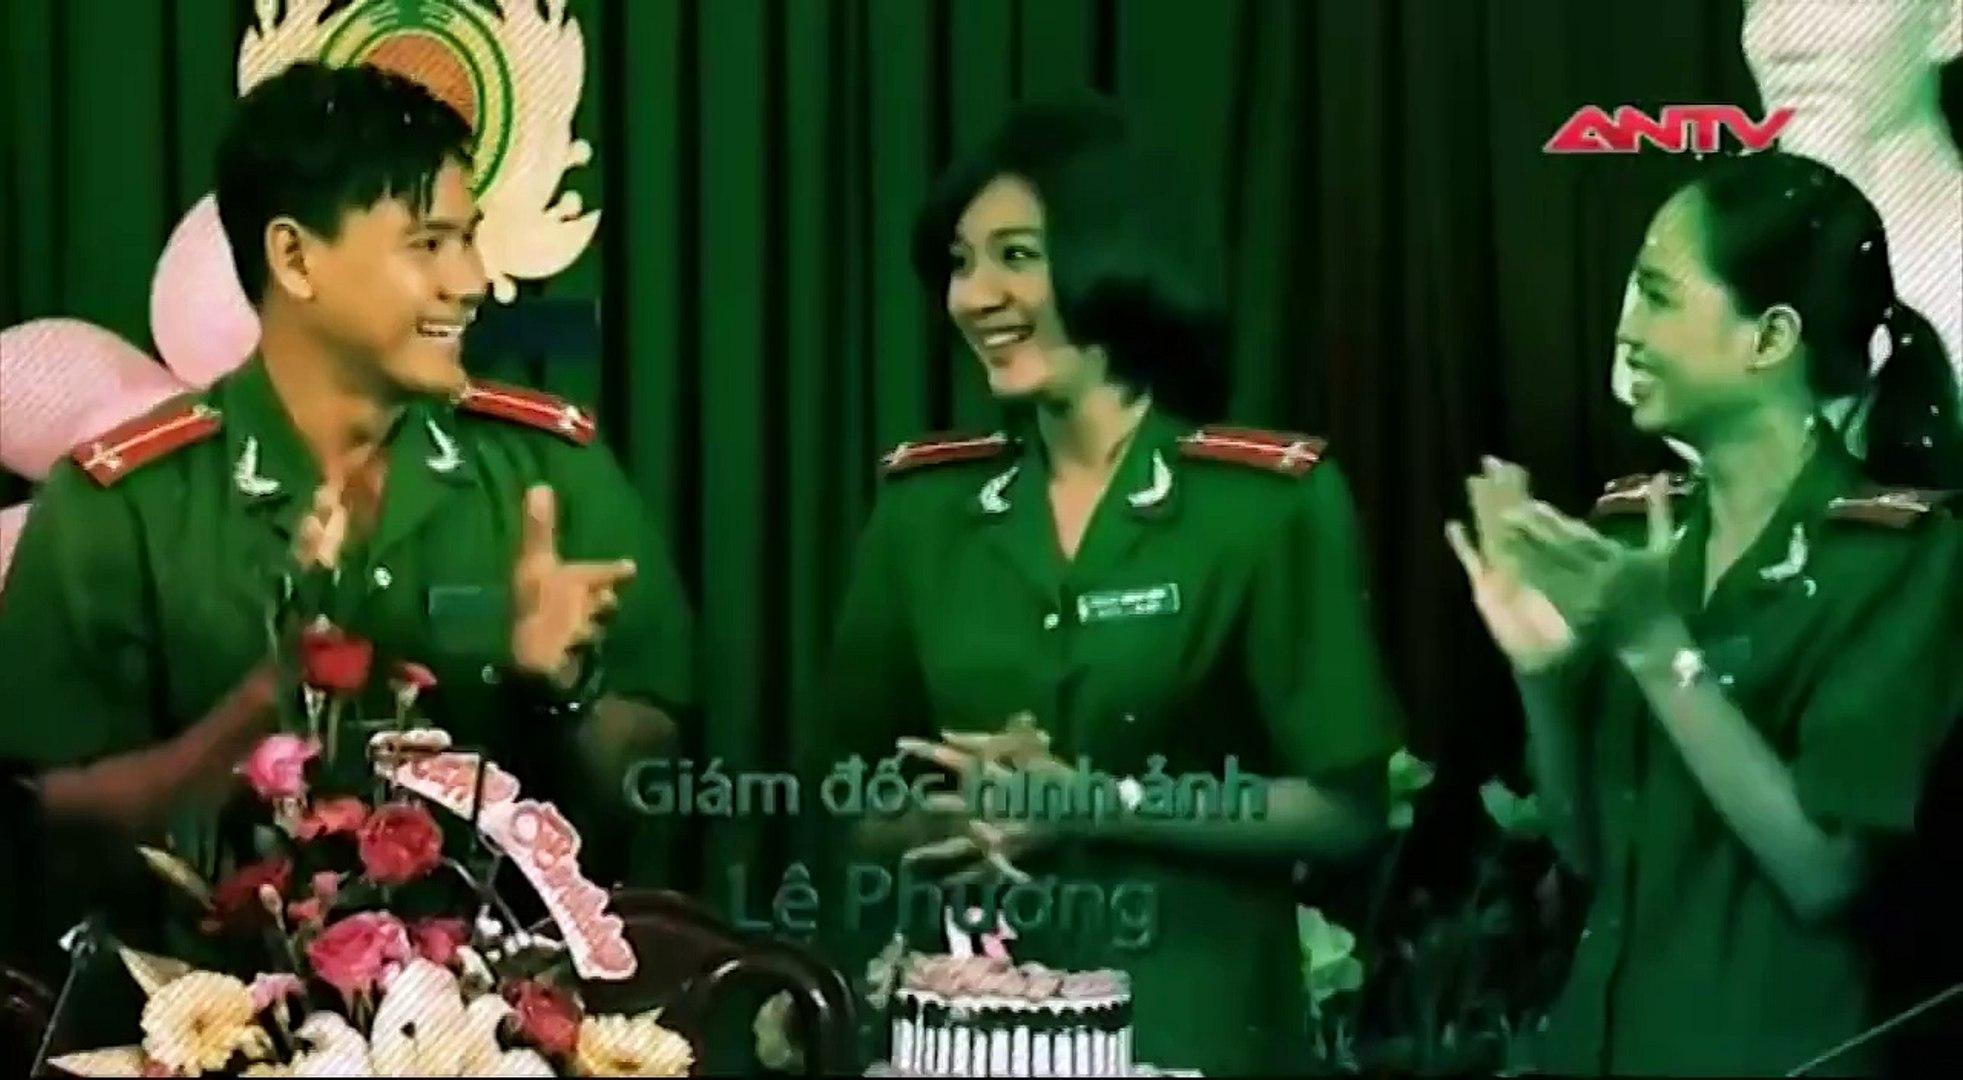 CON GÁI ÔNG TRÙM TẬP 34 - Phim Việt Nam bom tấn trên ANTV